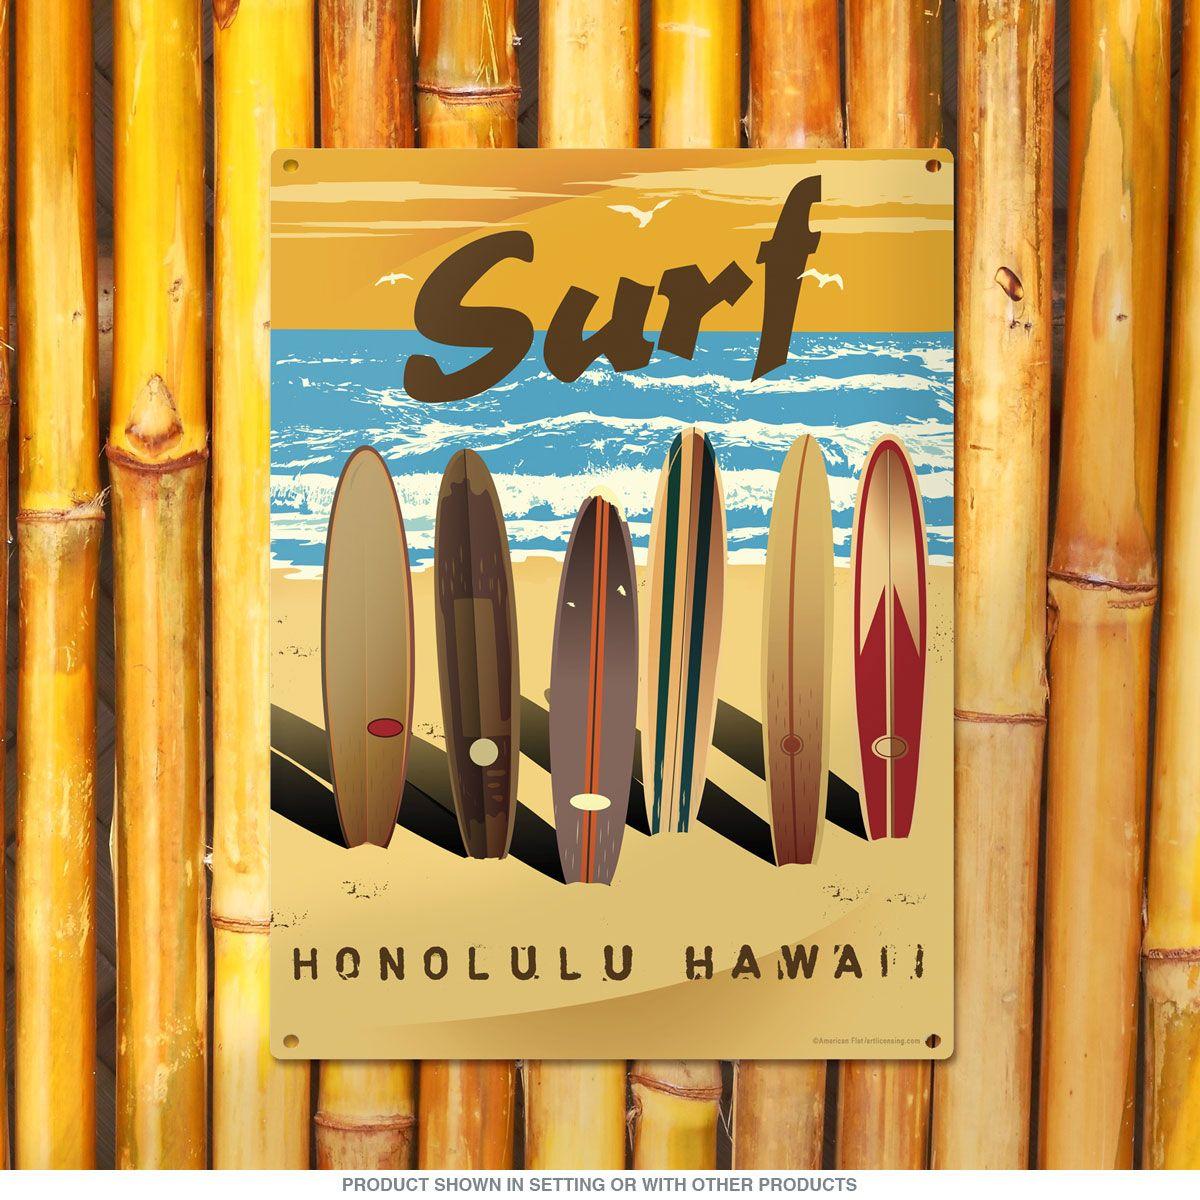 Surf Honolulu Hawaii Surfboards Beach Sign   Honolulu hawaii ...